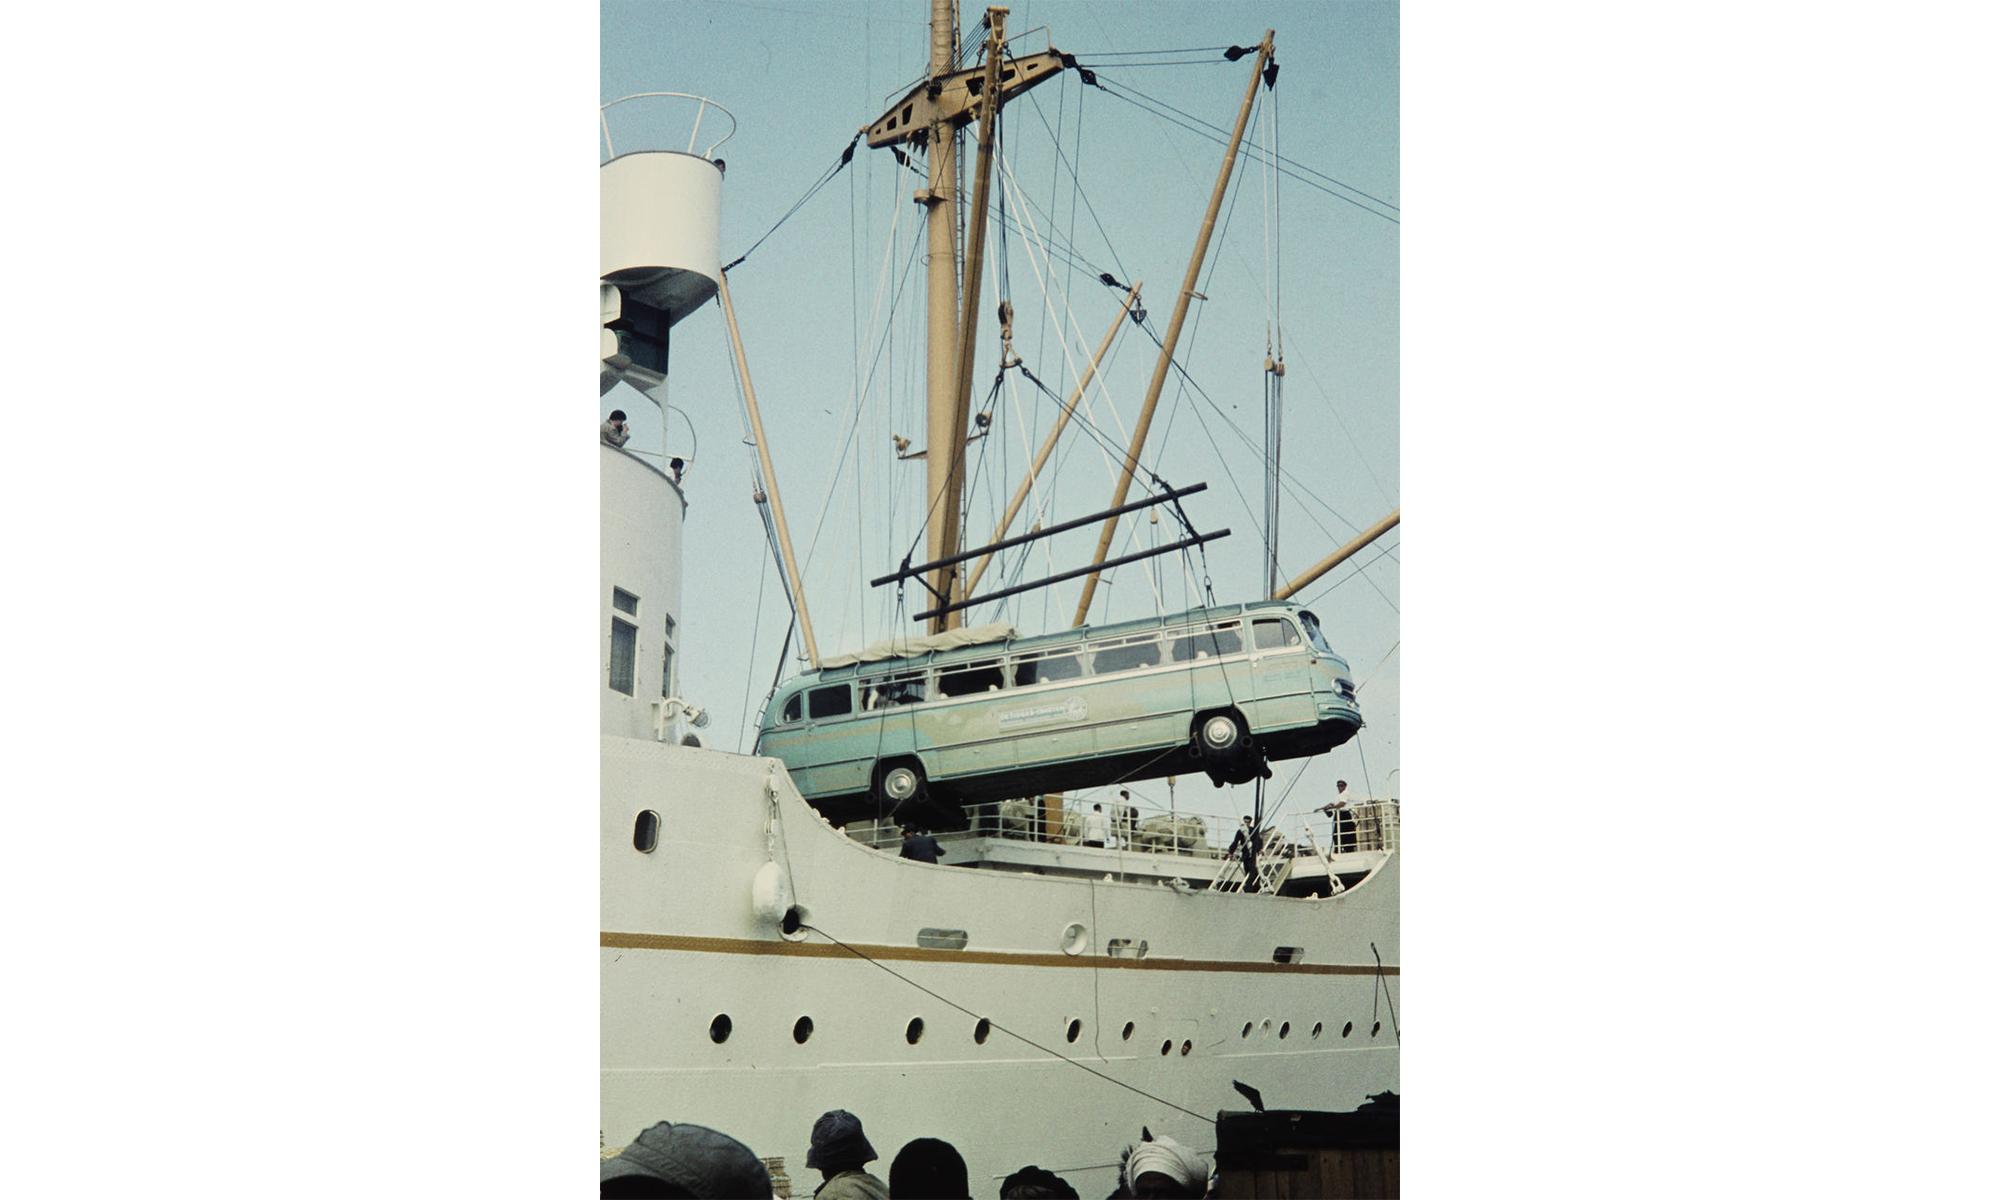 Ein altmodischer pastellfarbener Reisebus hängt an Seilen und wird gerade am Schiff verladen.